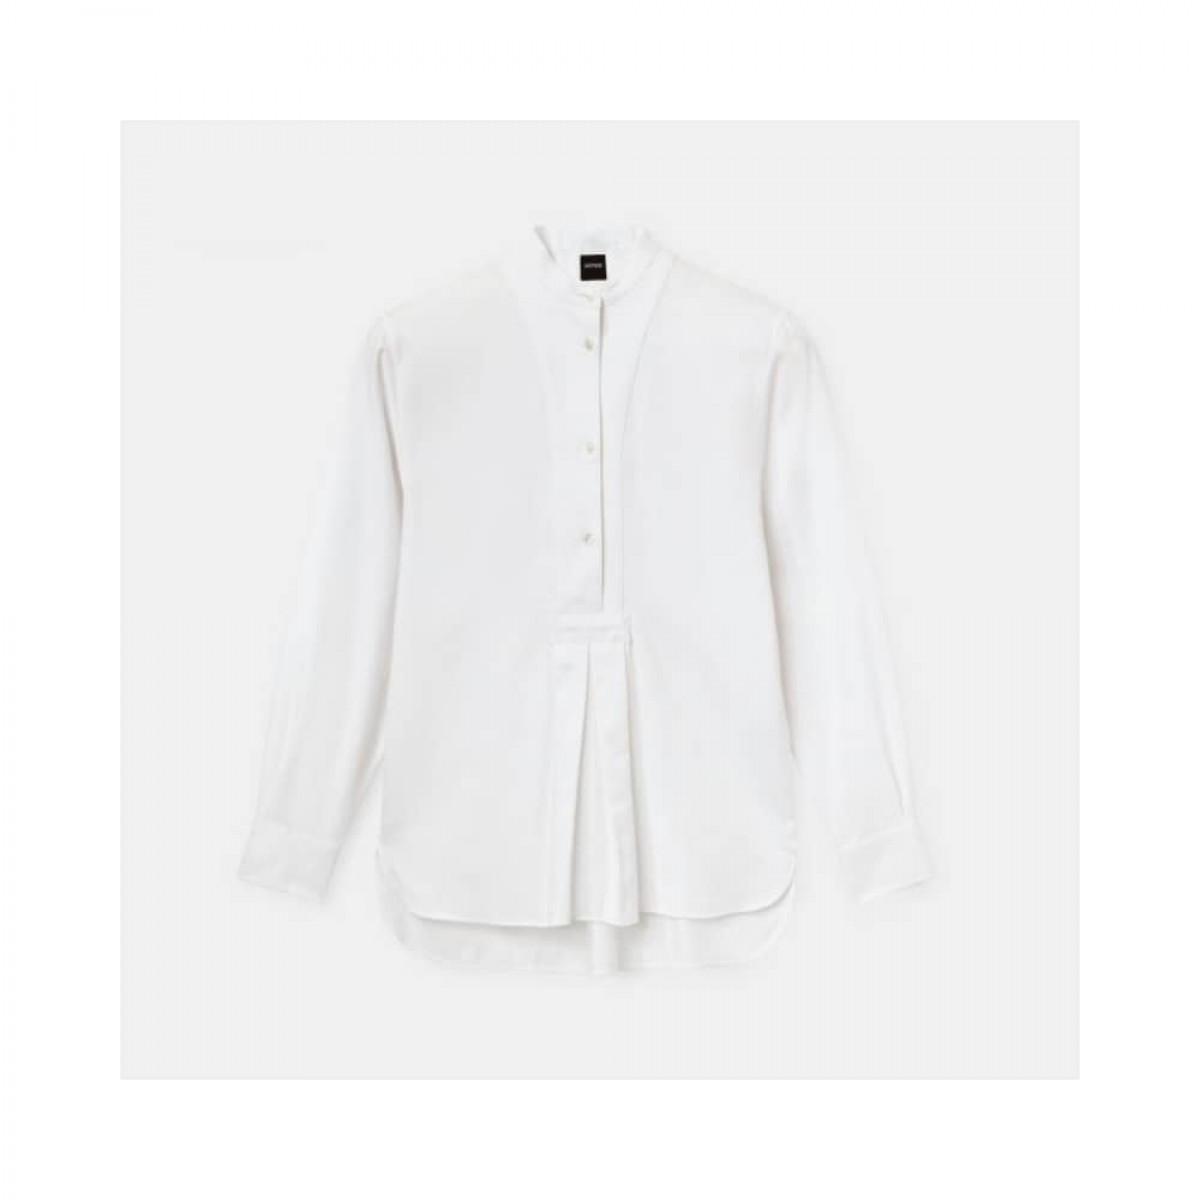 aspesi shirt - white - front